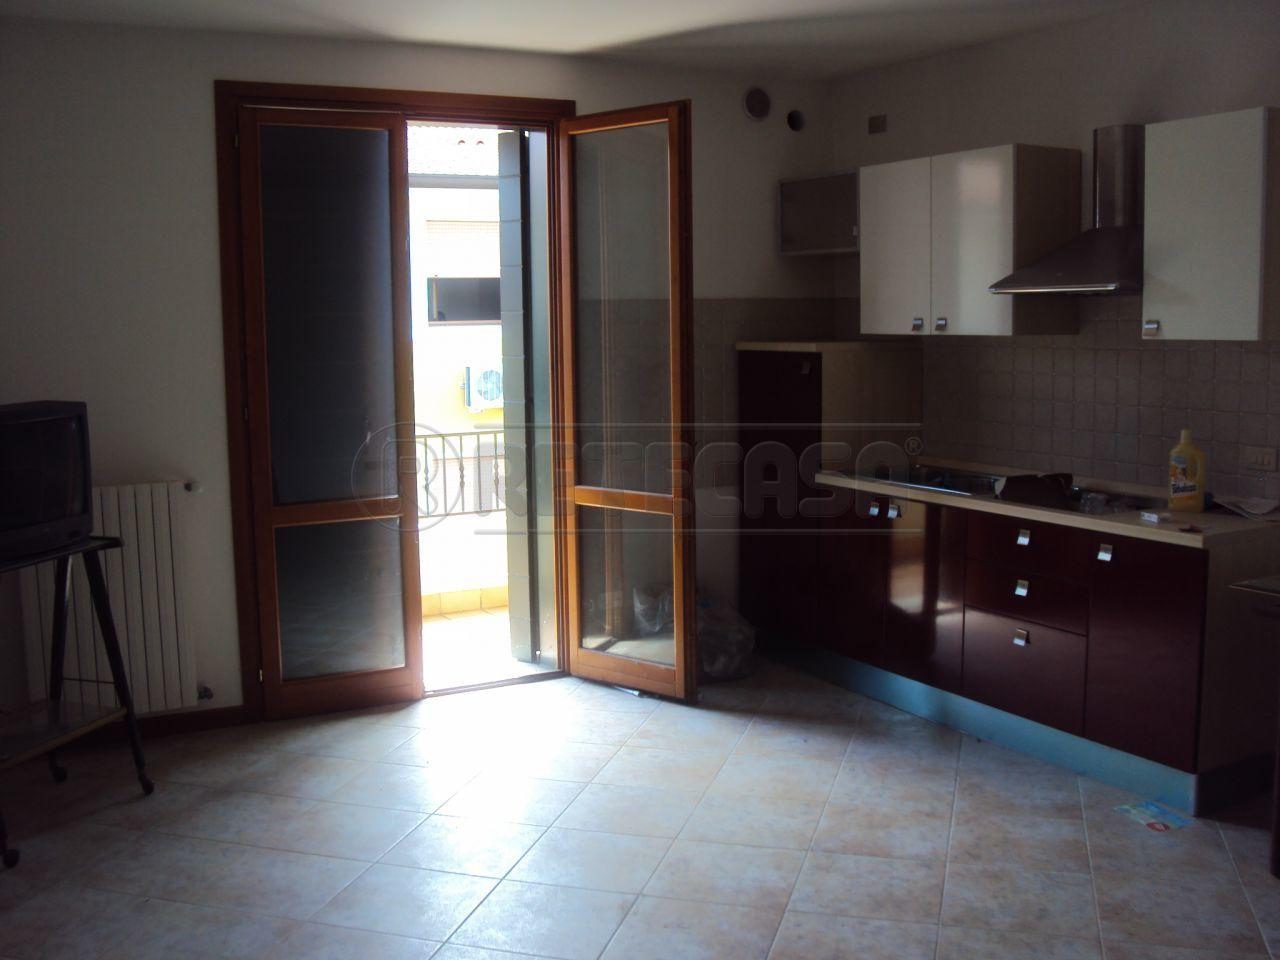 Appartamento in vendita a Borgoricco, 4 locali, prezzo € 115.000 | PortaleAgenzieImmobiliari.it